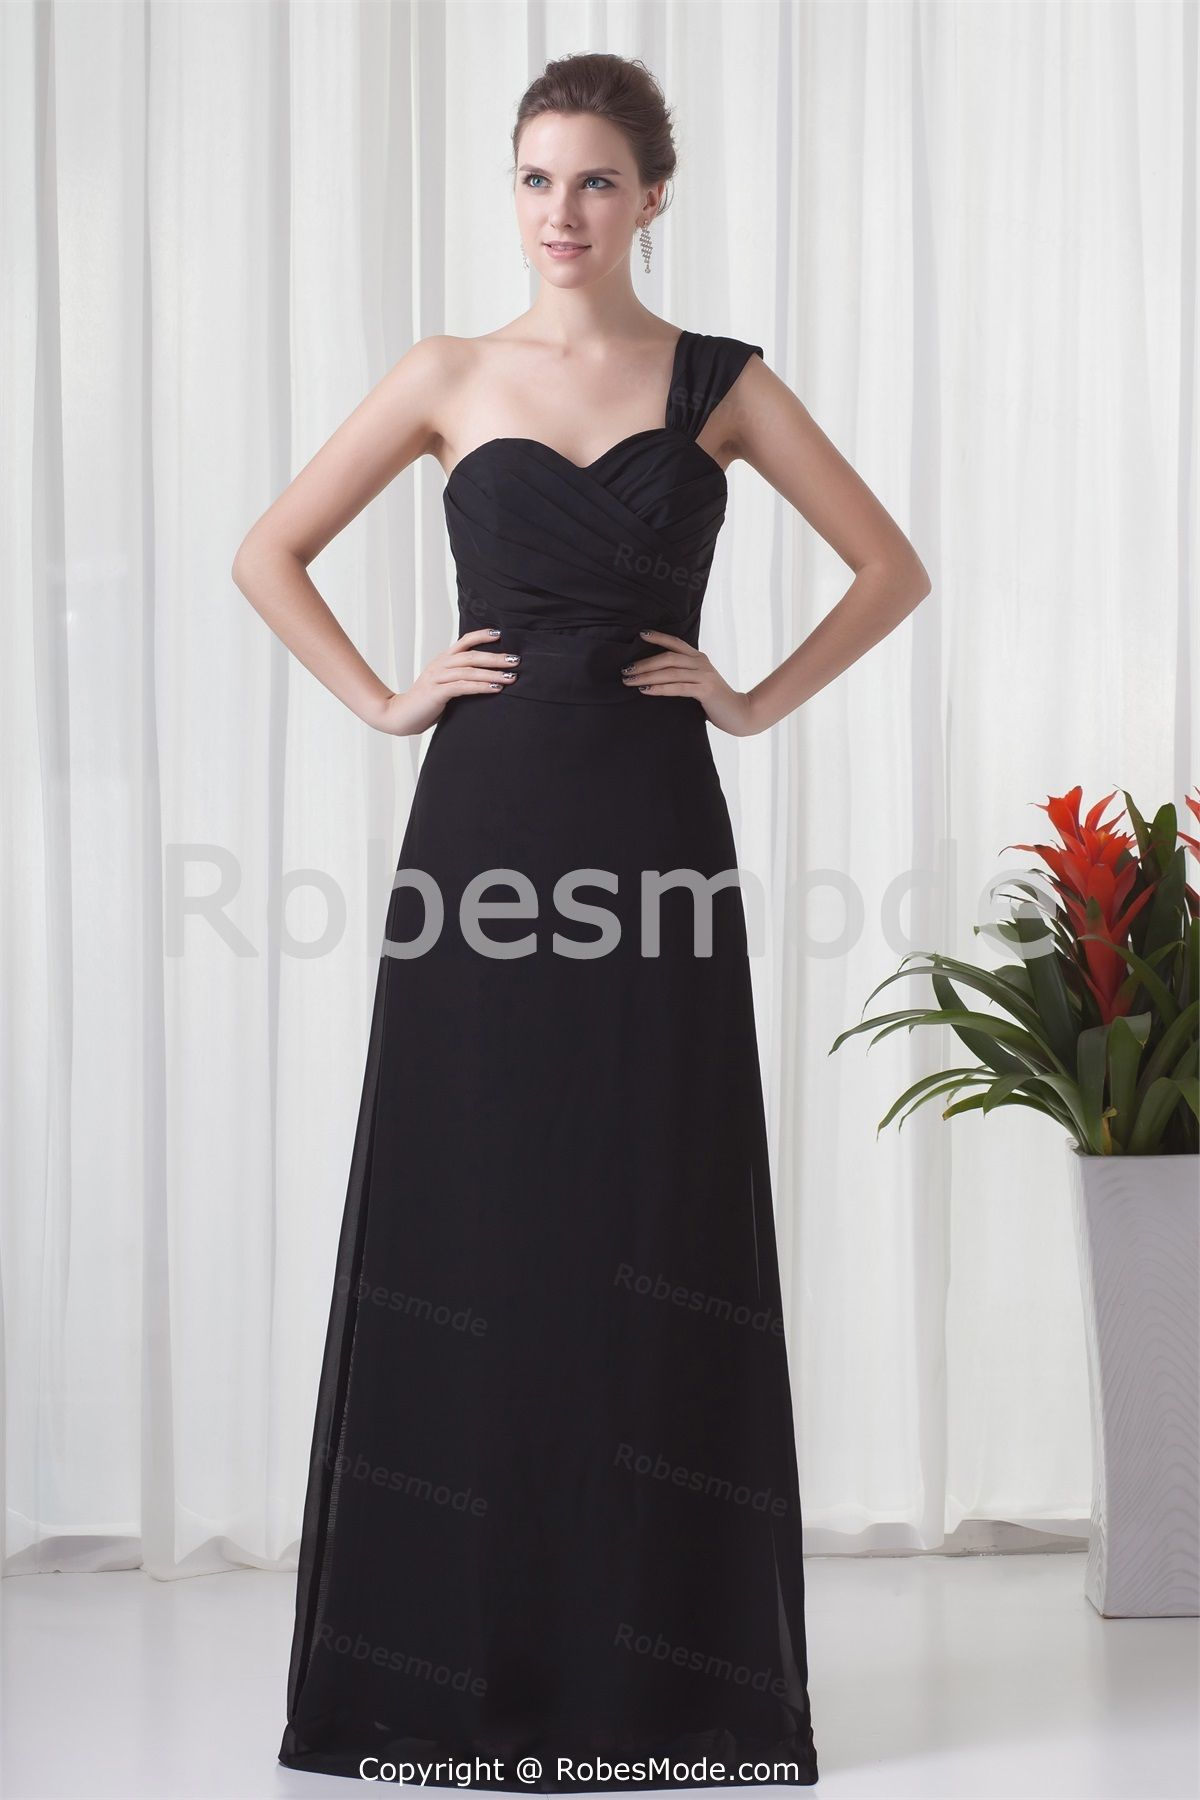 Robe de soirée noire dos zippé une épaule en mousseline de soie